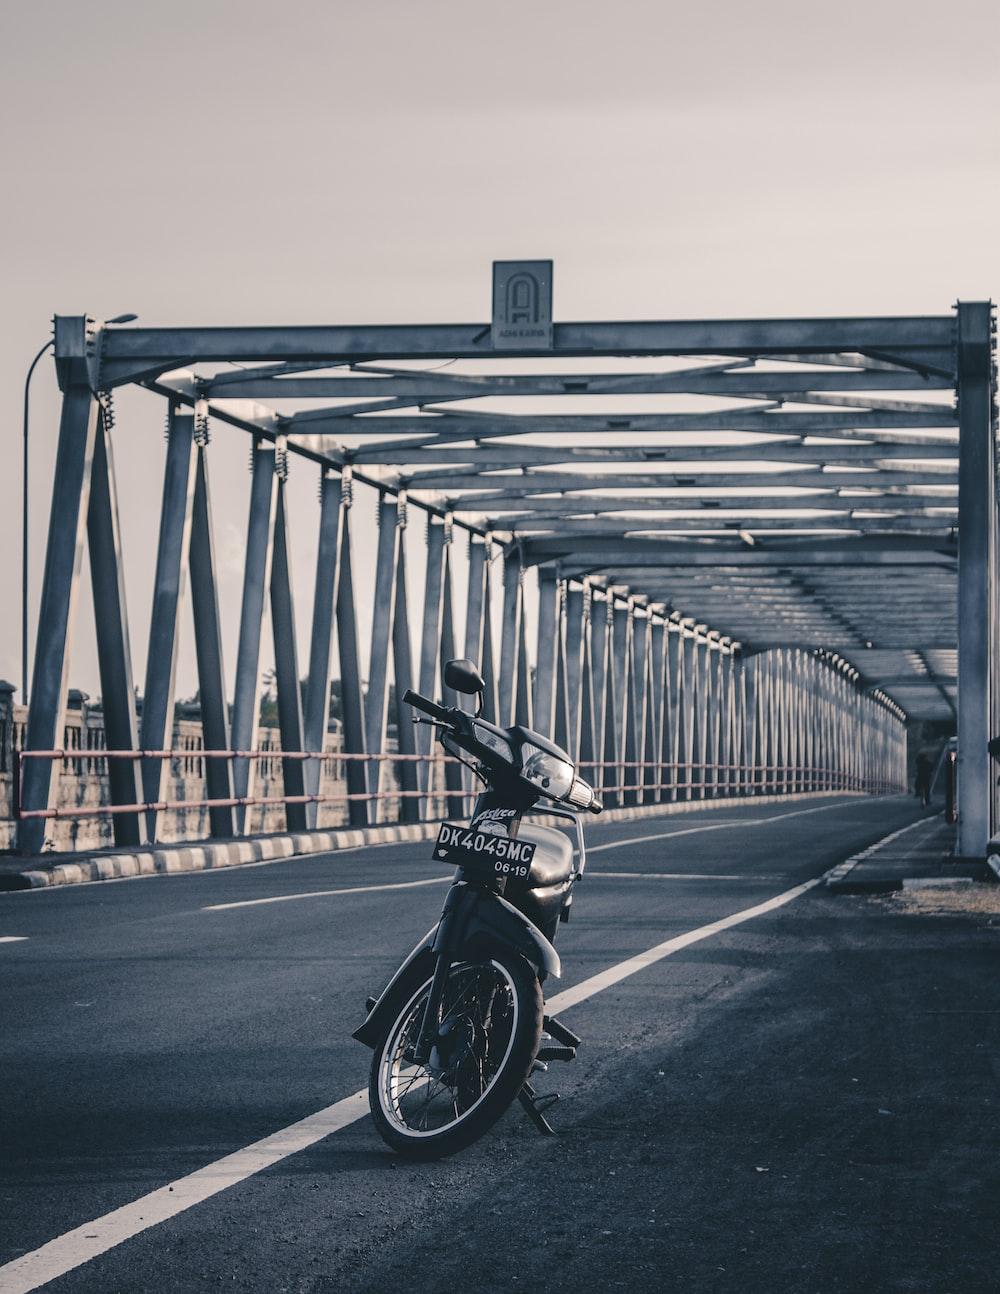 black motorcycle parked on bridge during daytime